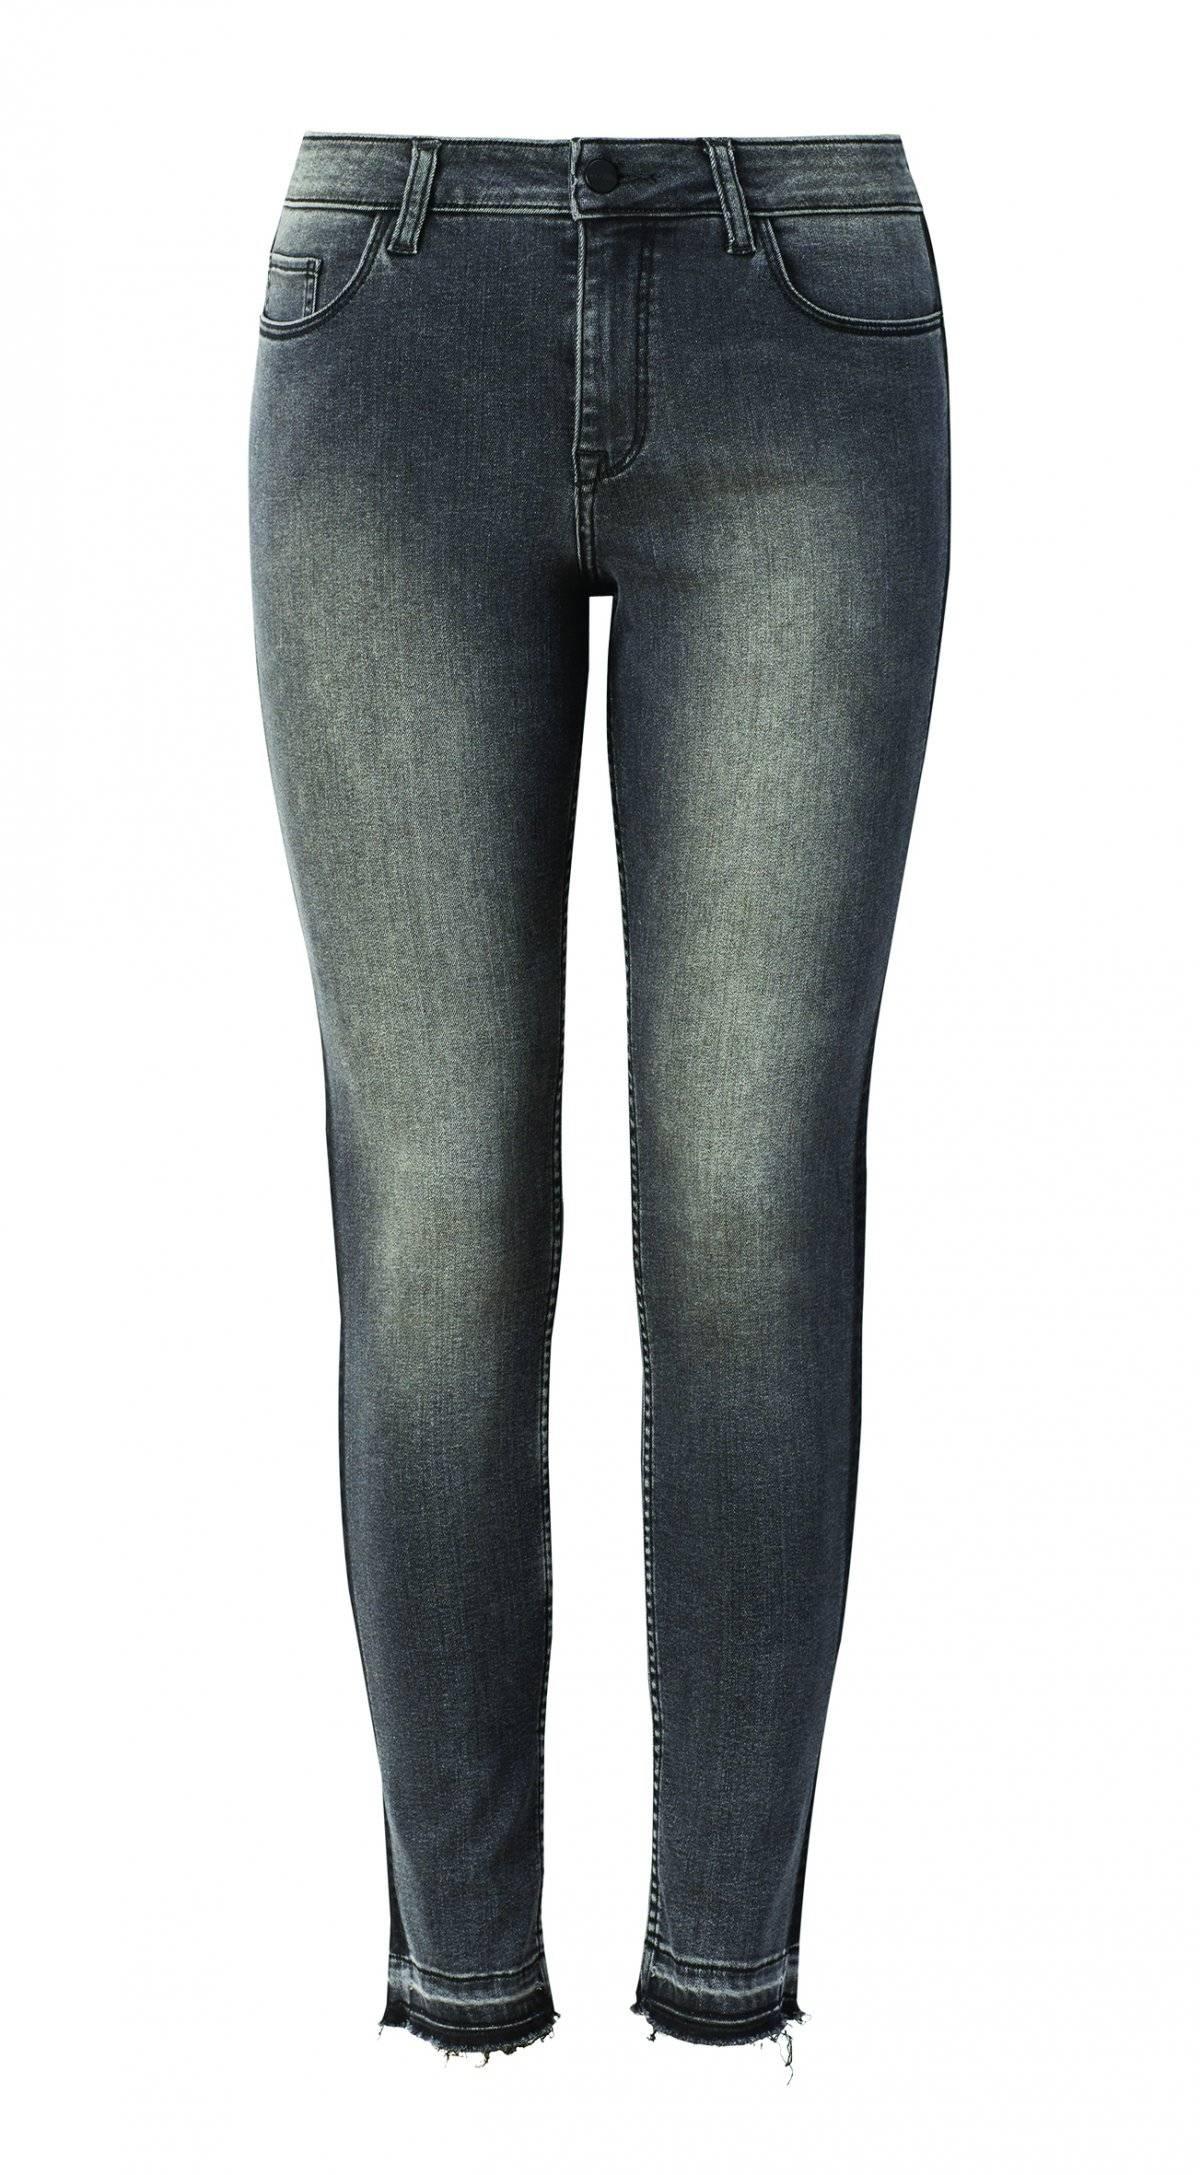 Encuentra los jeans correctos